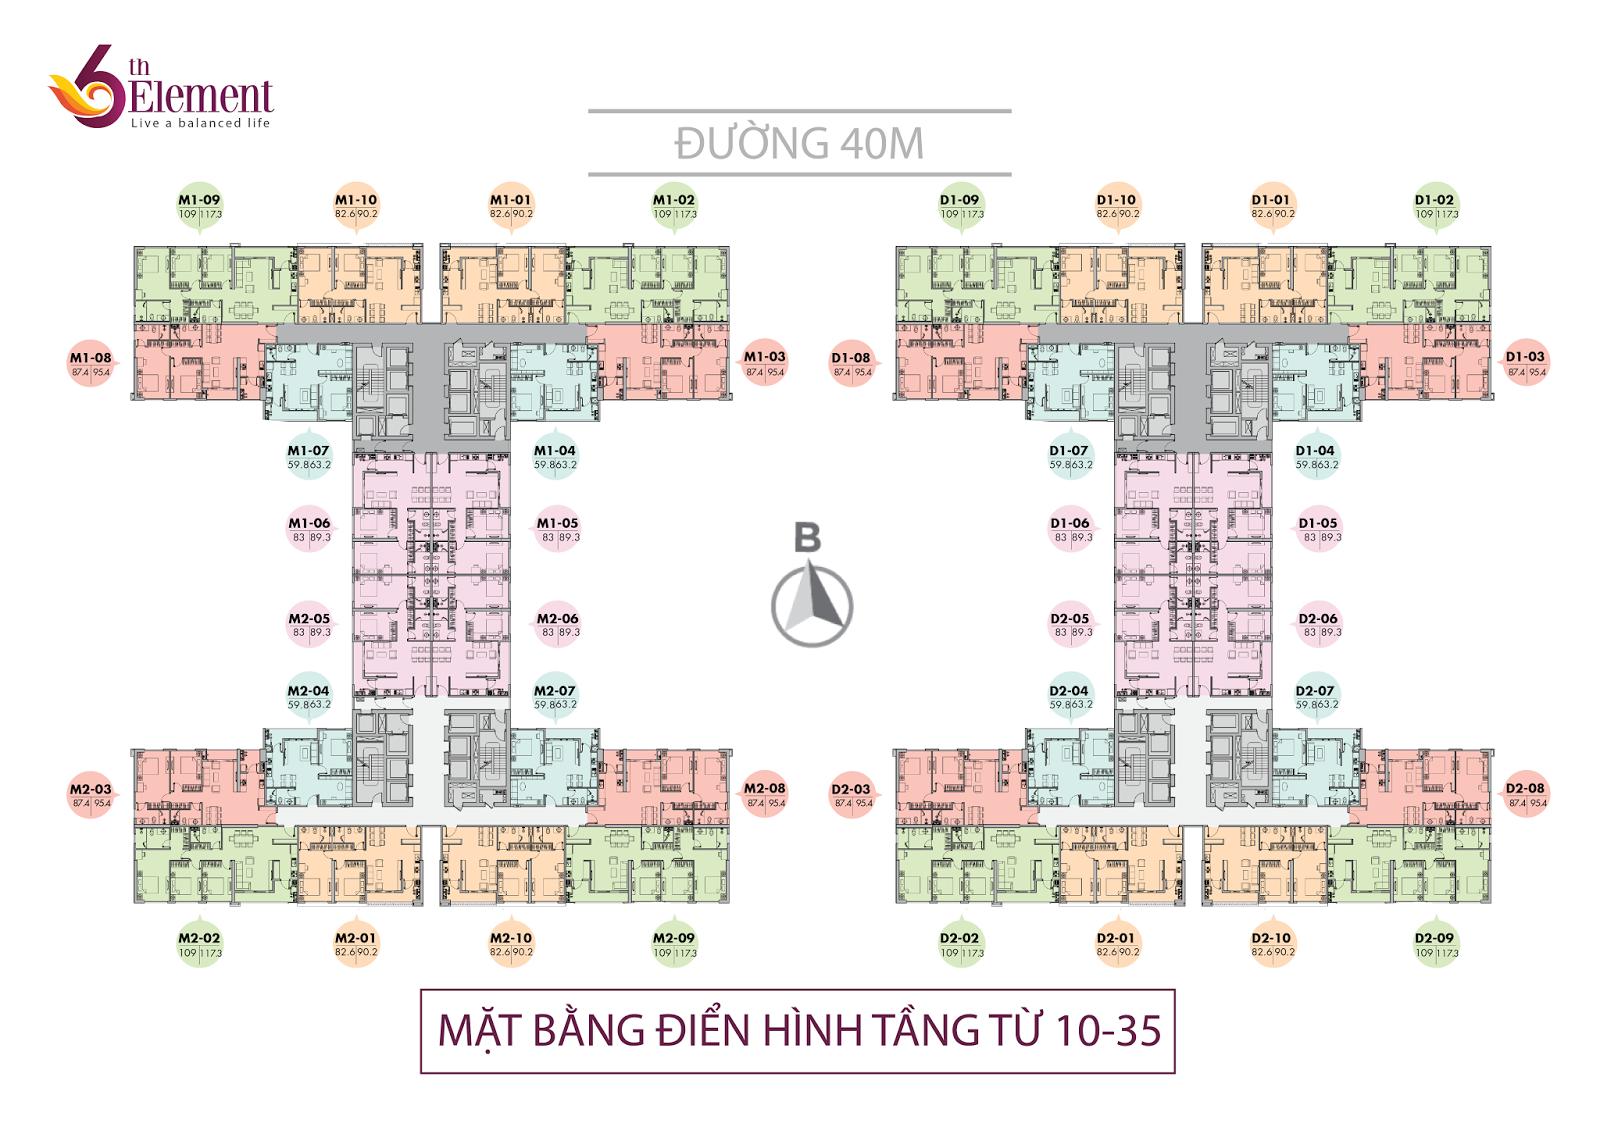 Mặt bằng căn hộ 6th element tầng 10-35